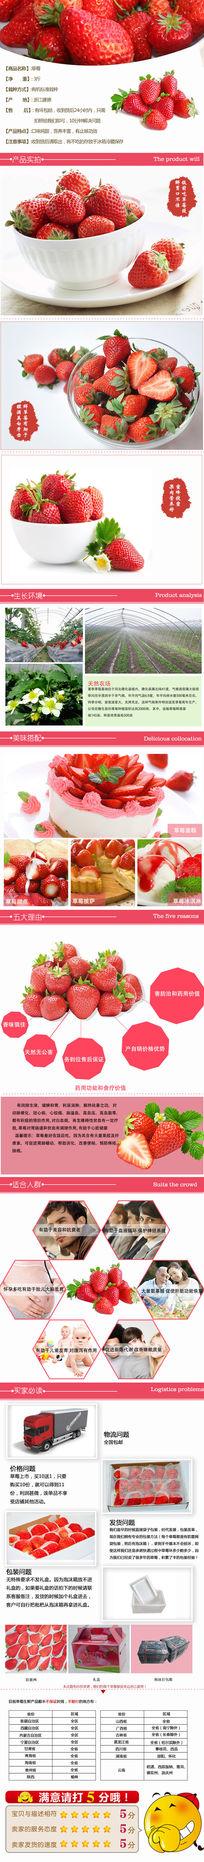 淘宝天猫草莓水果类描述详情页模板psd